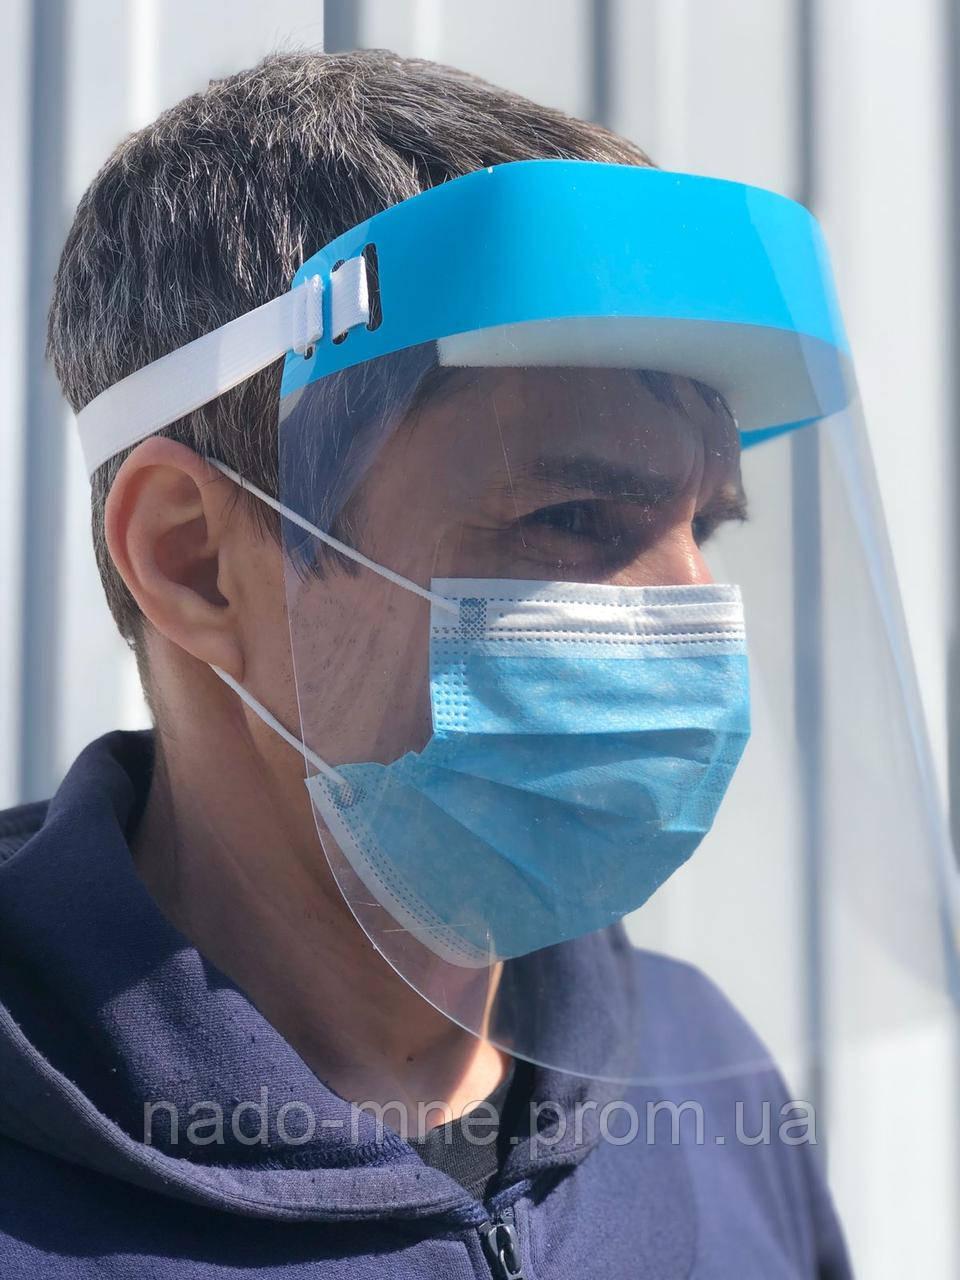 Защитный щиток для лица, широкий. Отличного качества!